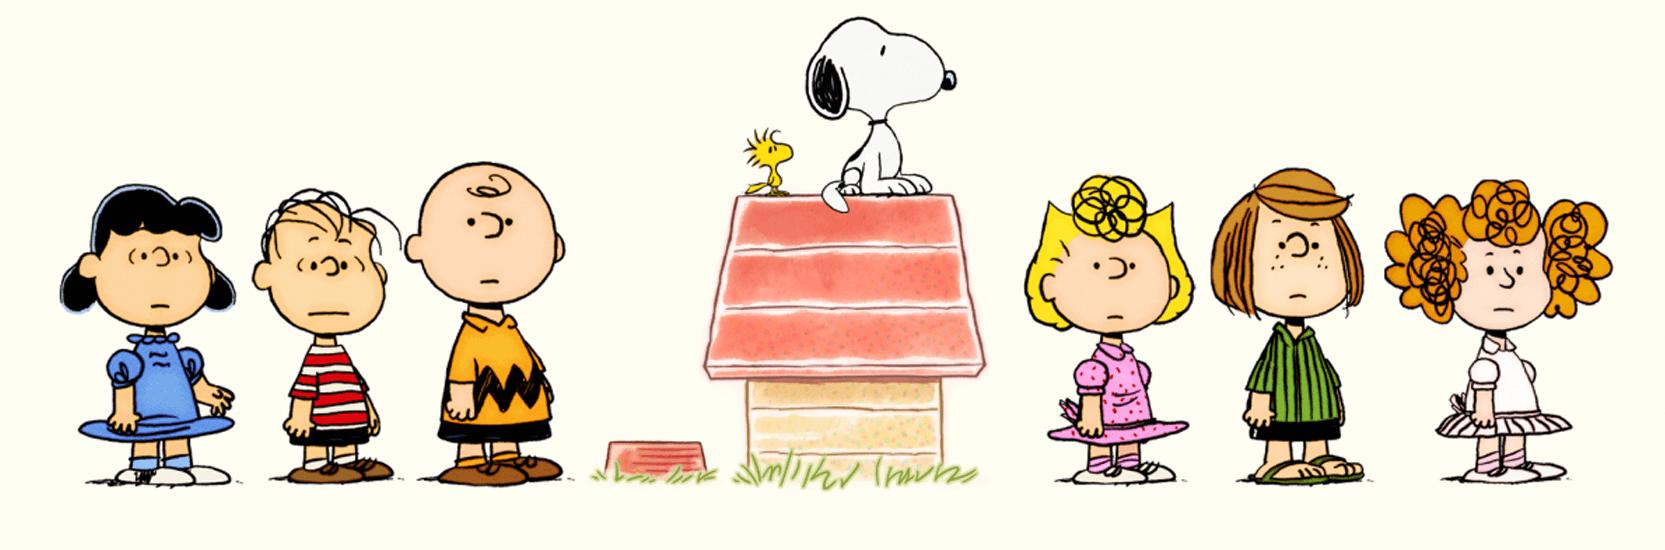 Série – Les Peanuts de retour fin 2014 sur les écrans !